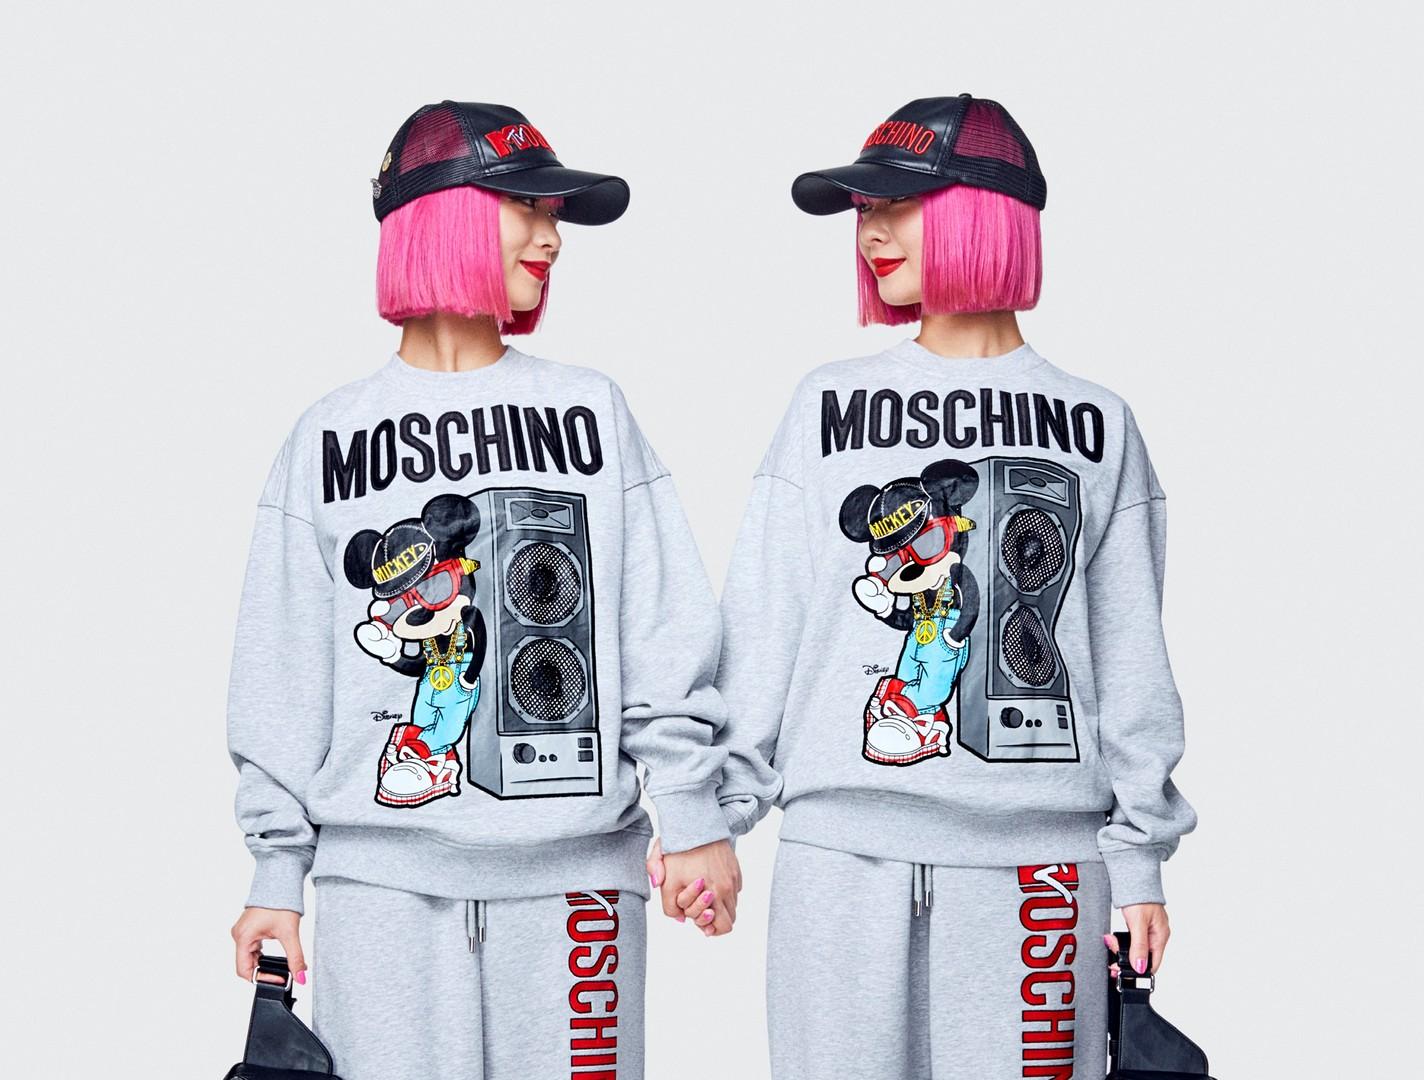 Принты в стиле поп-арт, буйство красок, россыпь пайеток и друзья Джереми Скотта в качестве моделей: смотрим лукбук Moschino x H&M;